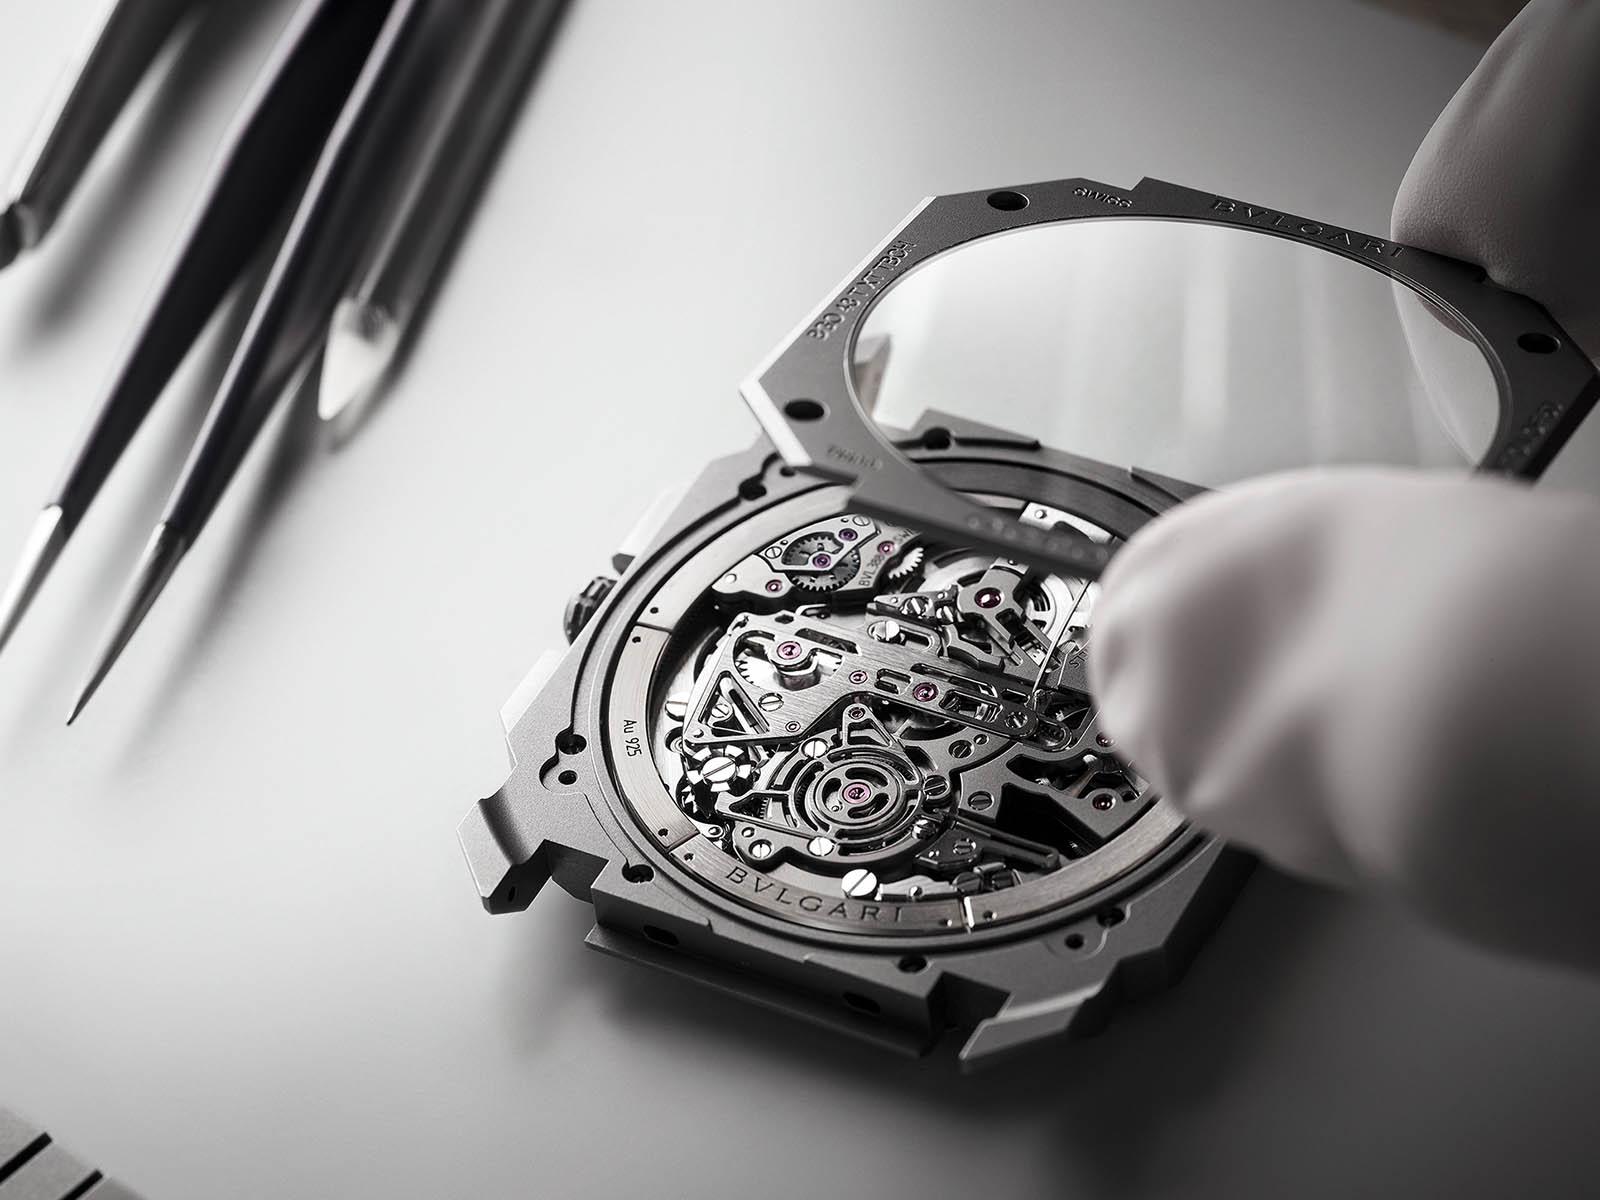 103295-bulgari-octo-finissimo-tourbillon-chronograph-skeleton-automatic-9.jpg